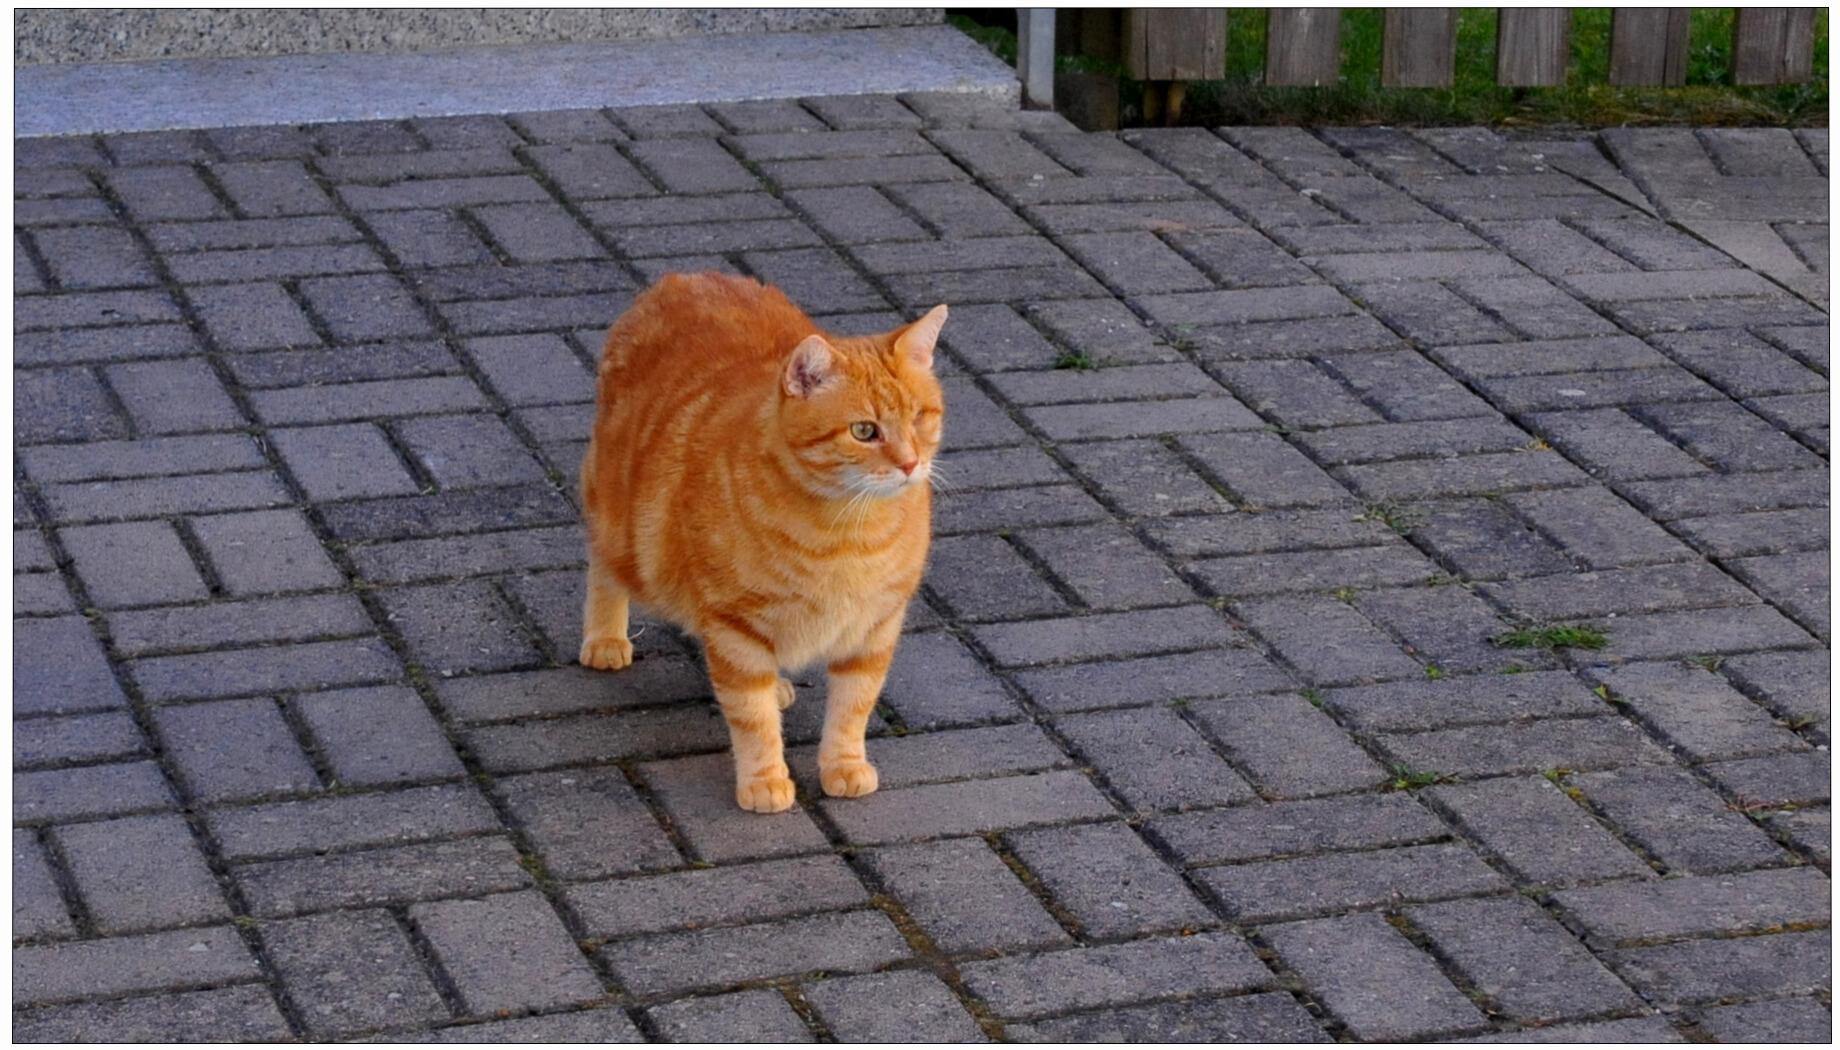 Mein Fuchsie geht mit mir spazieren (Mi Zorrito pasea conmigo)